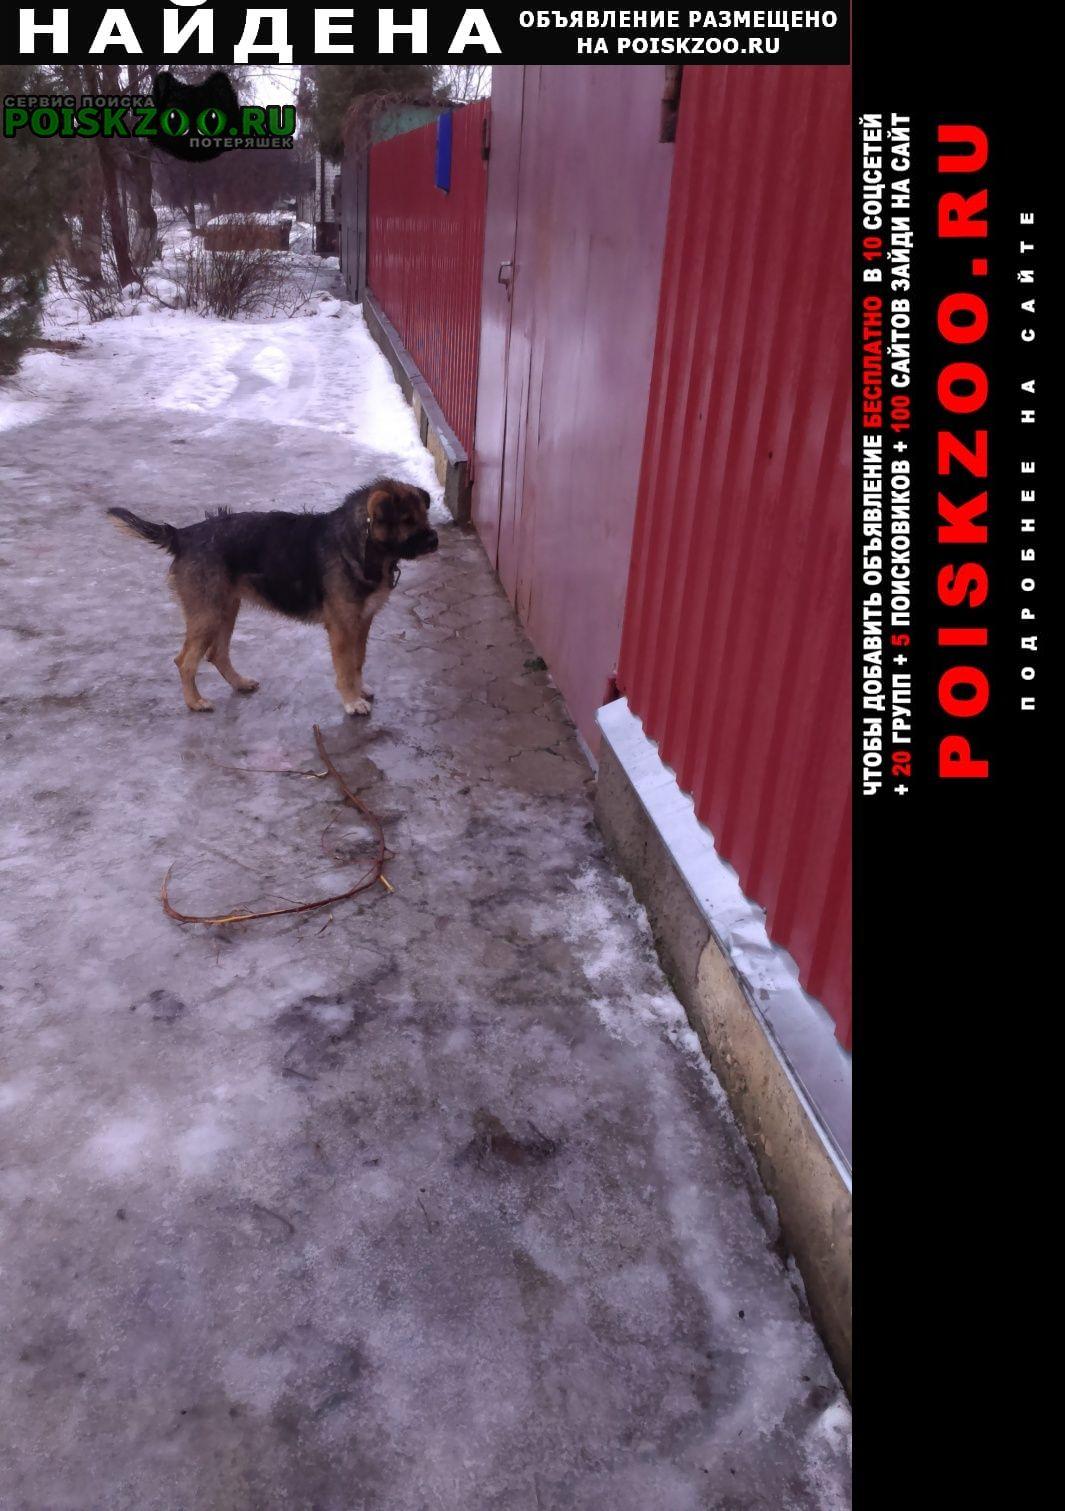 Найдена собака Орел